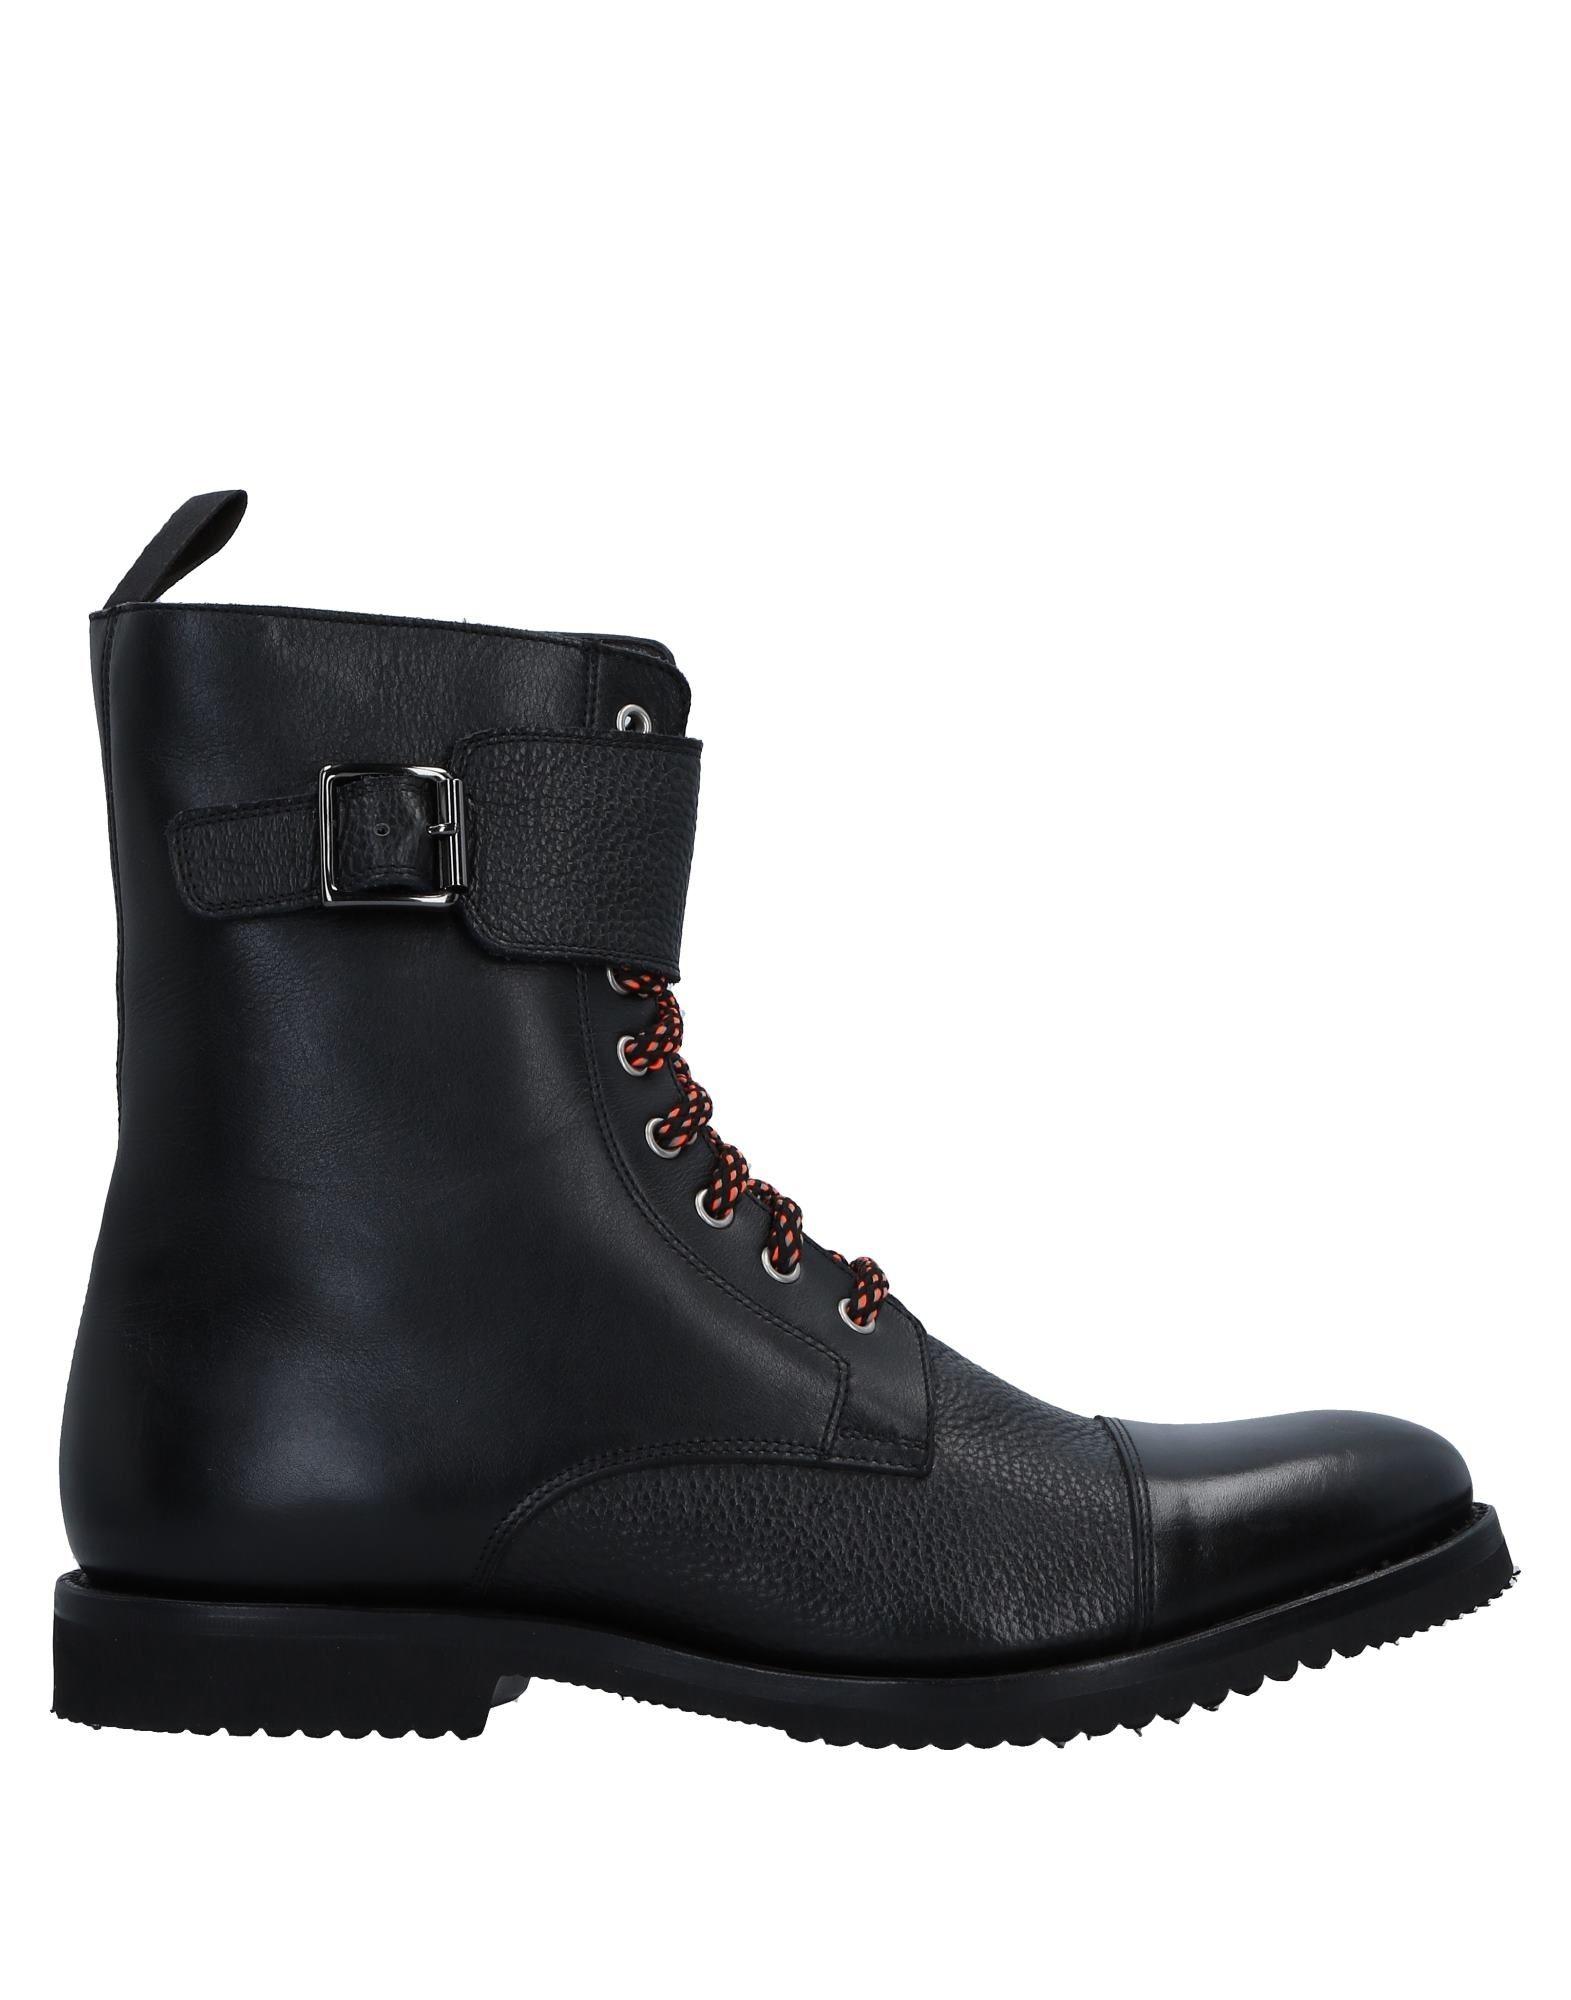 Ortigni Stiefelette Herren  11524489VD Gute Qualität beliebte Schuhe